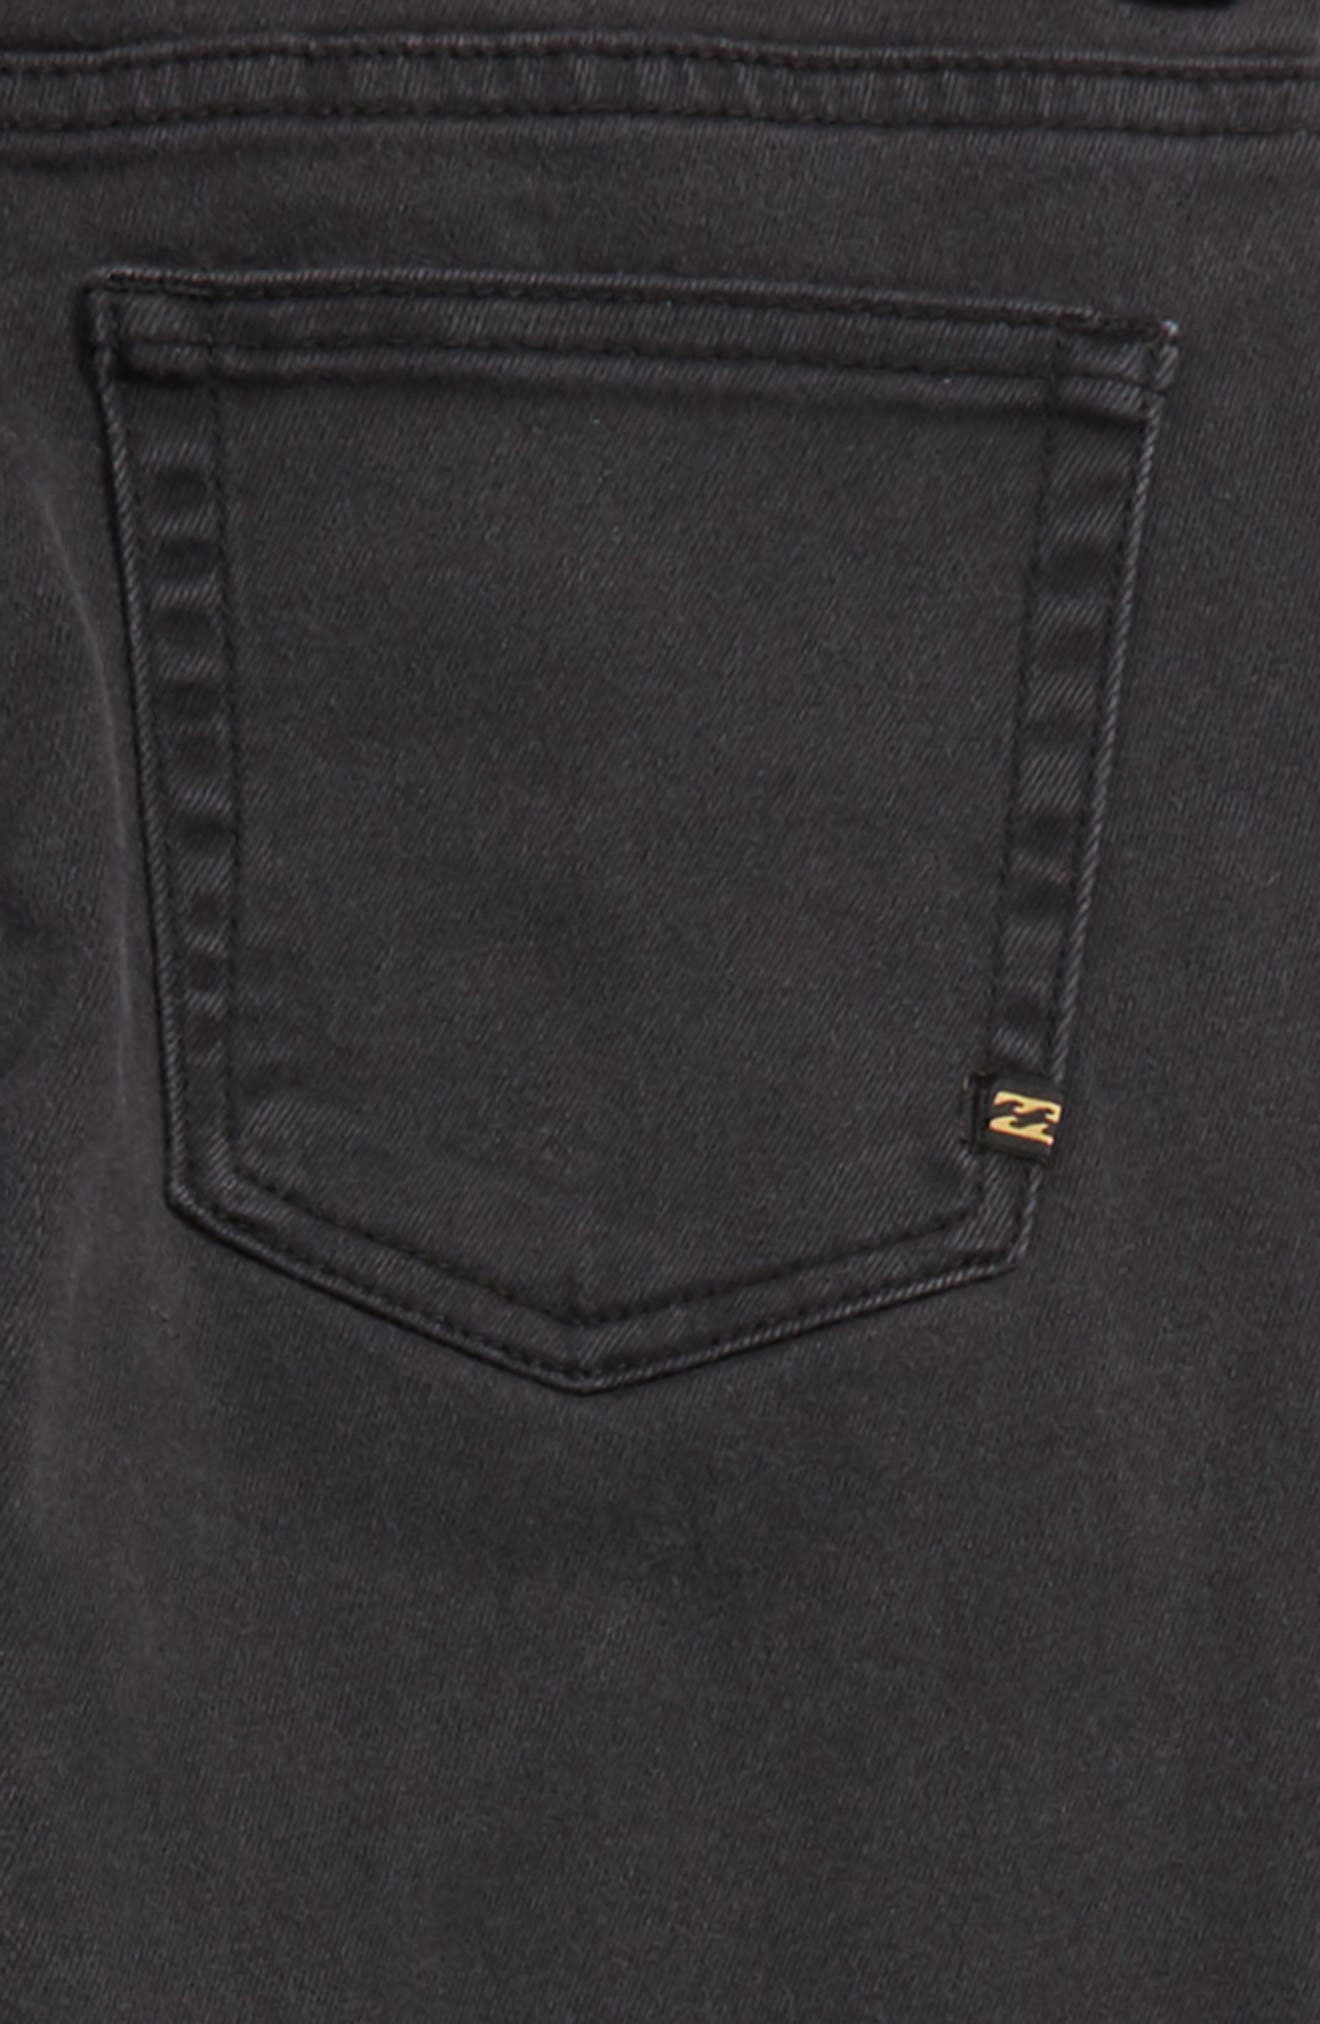 Outsider Jeans,                             Alternate thumbnail 3, color,                             OIL SPILL